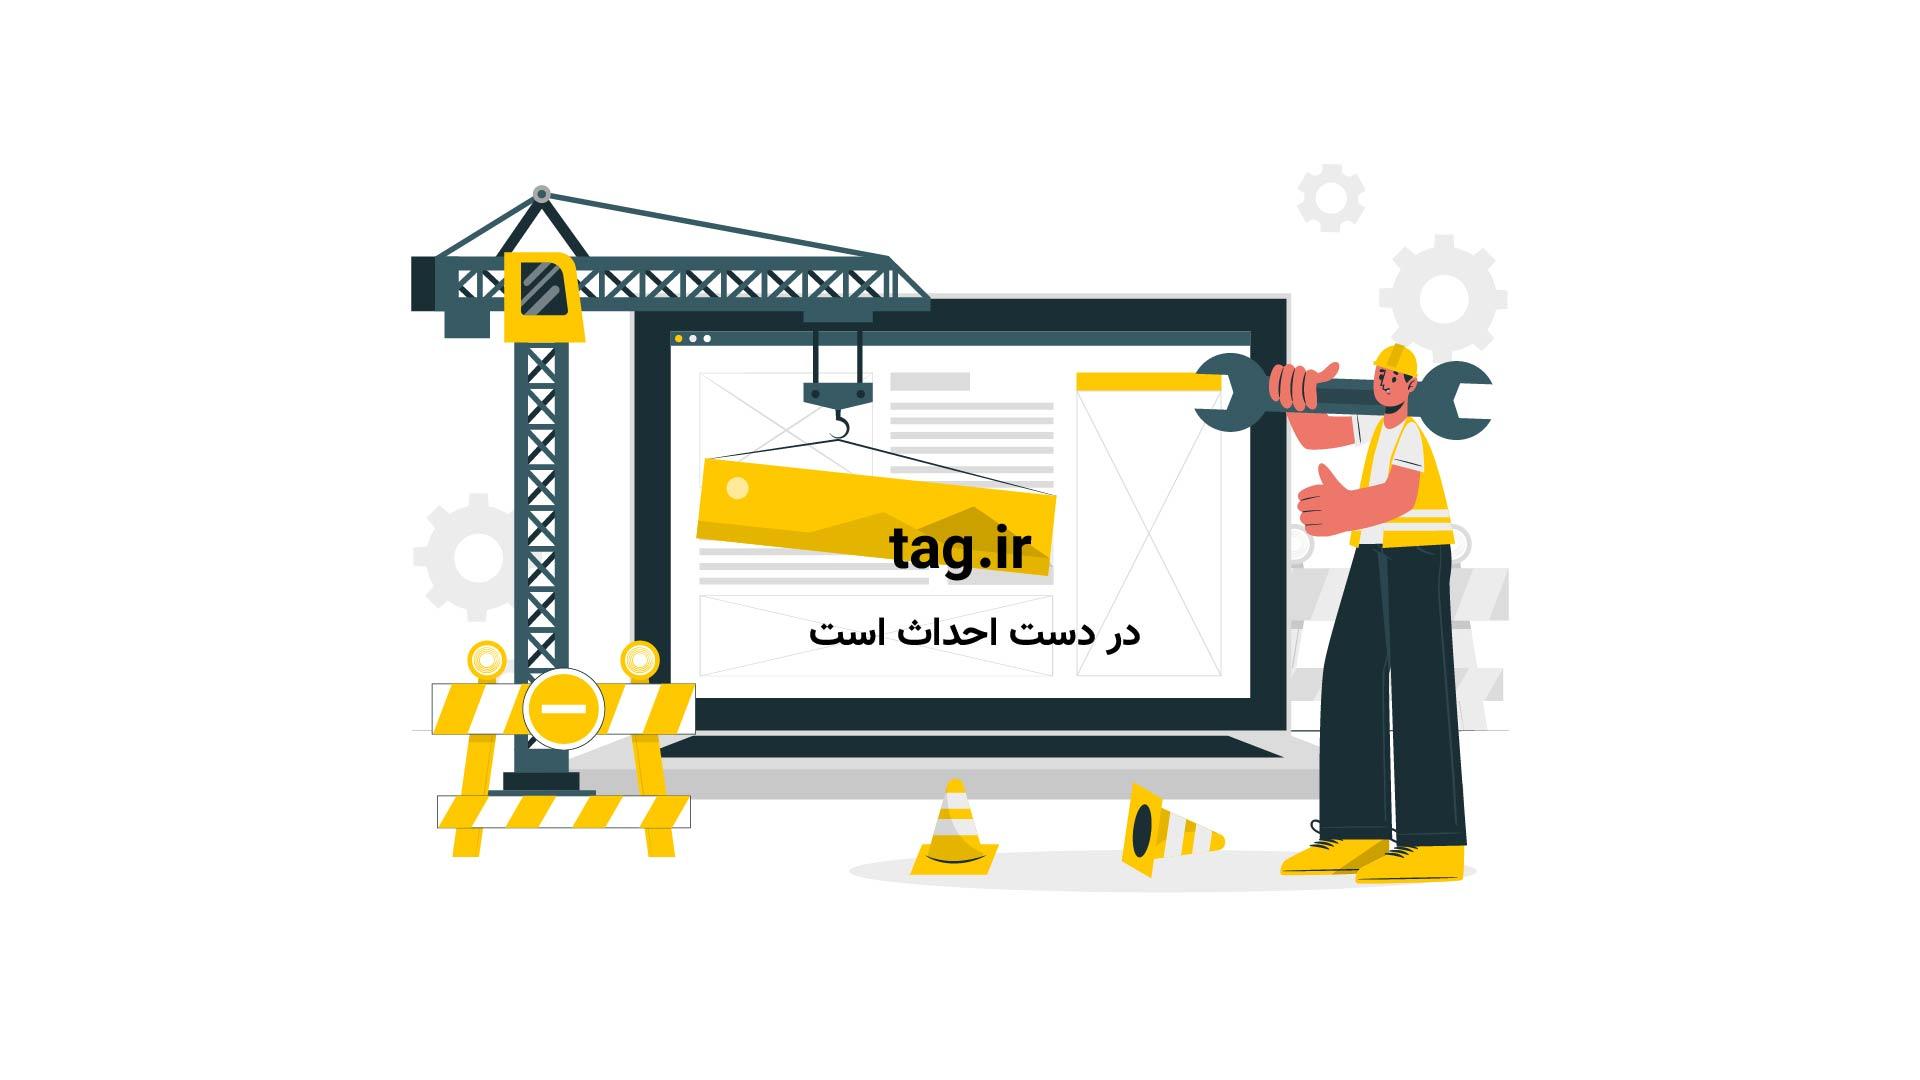 مهارت های یوردی آلبا بازیکن فوتبال اهل کشور اسپانیا | فیلم